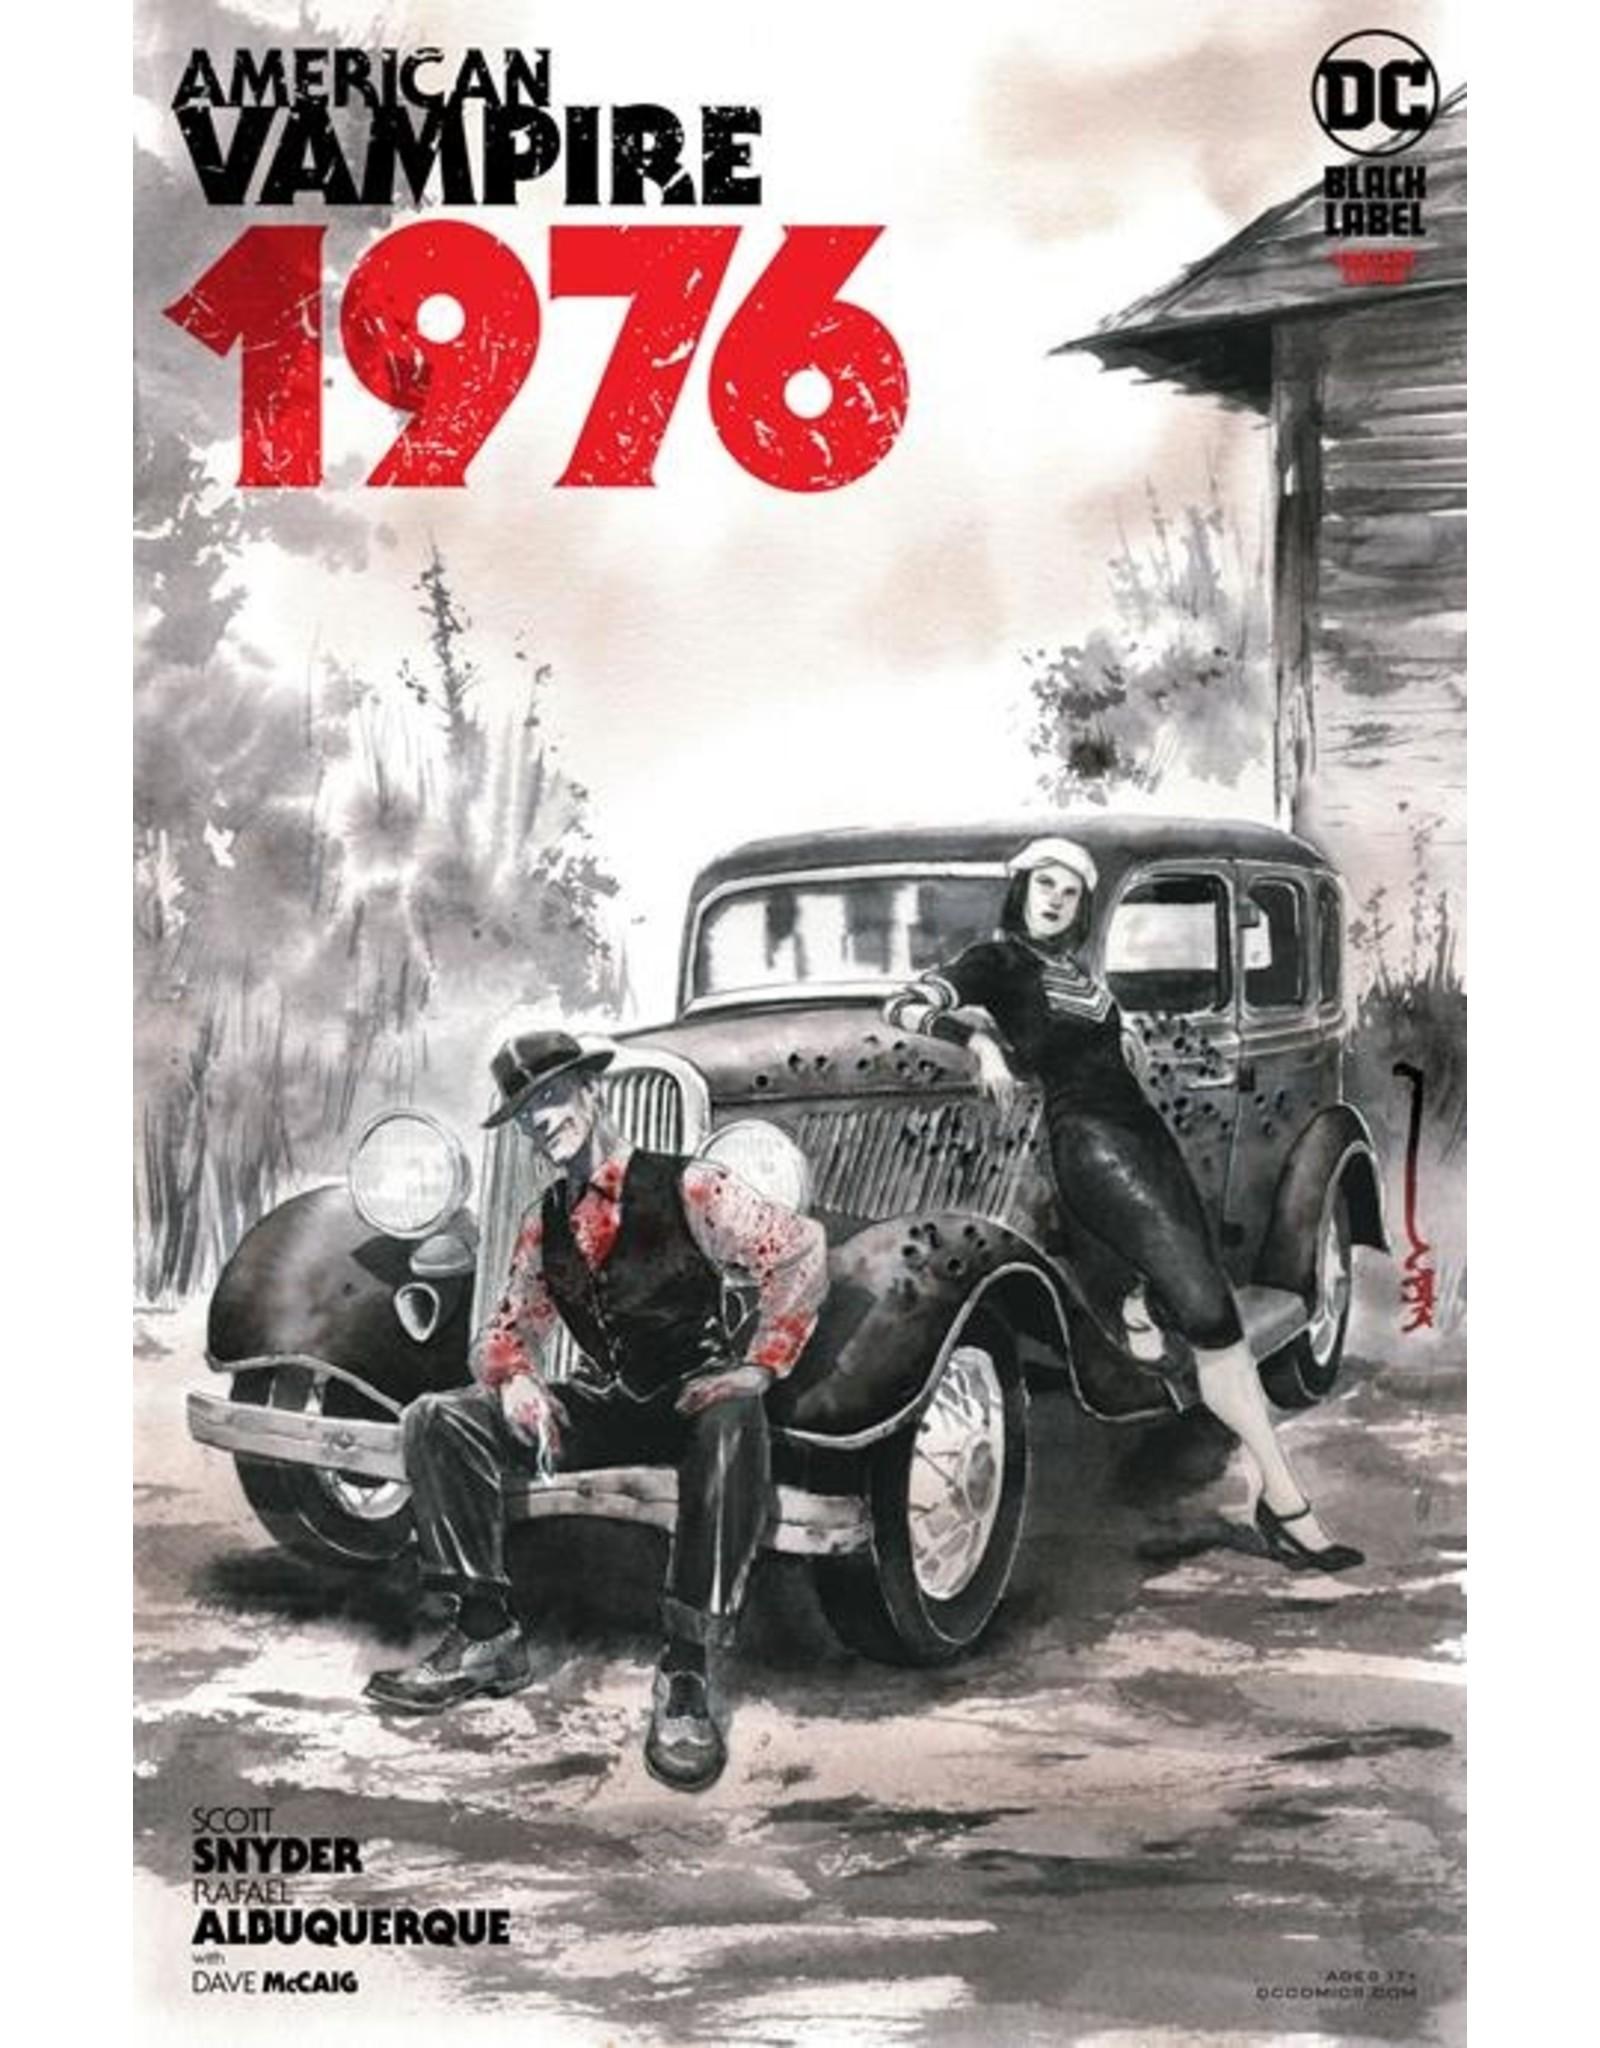 DC COMICS AMERICAN VAMPIRE 1976 #1 (OF 9) CVR B DUSTIN NGUYEN VAR